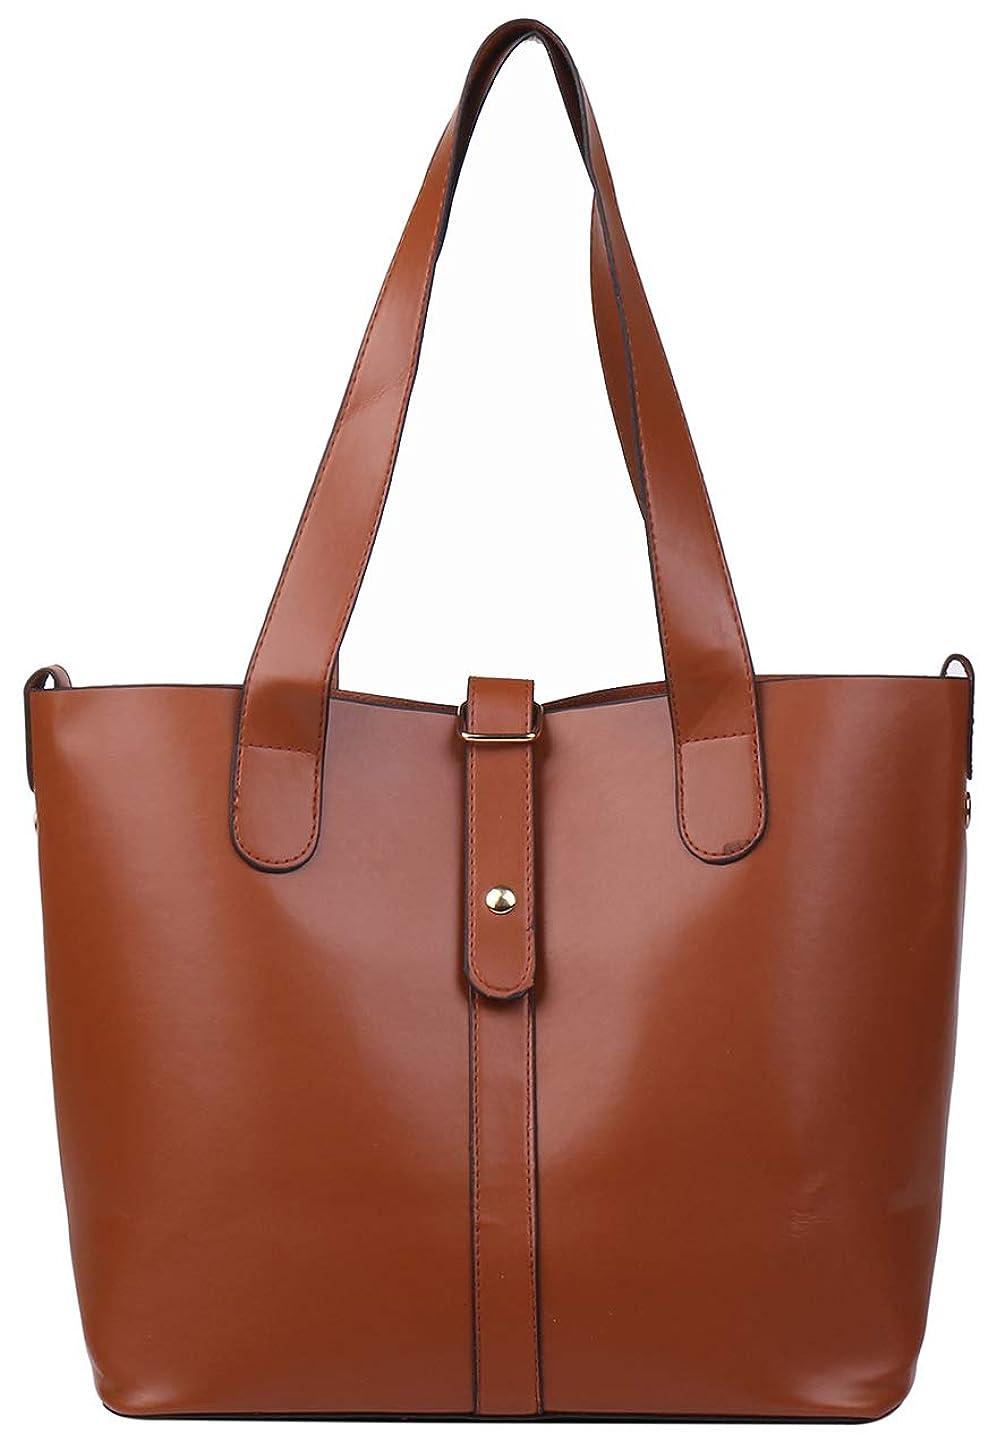 特権説教感情の[エンジェルムーン] レディース バッグ ショルダーバッグ ハンドバッグ 大きめ 肩掛け A4 シンプル ビジネス 通勤